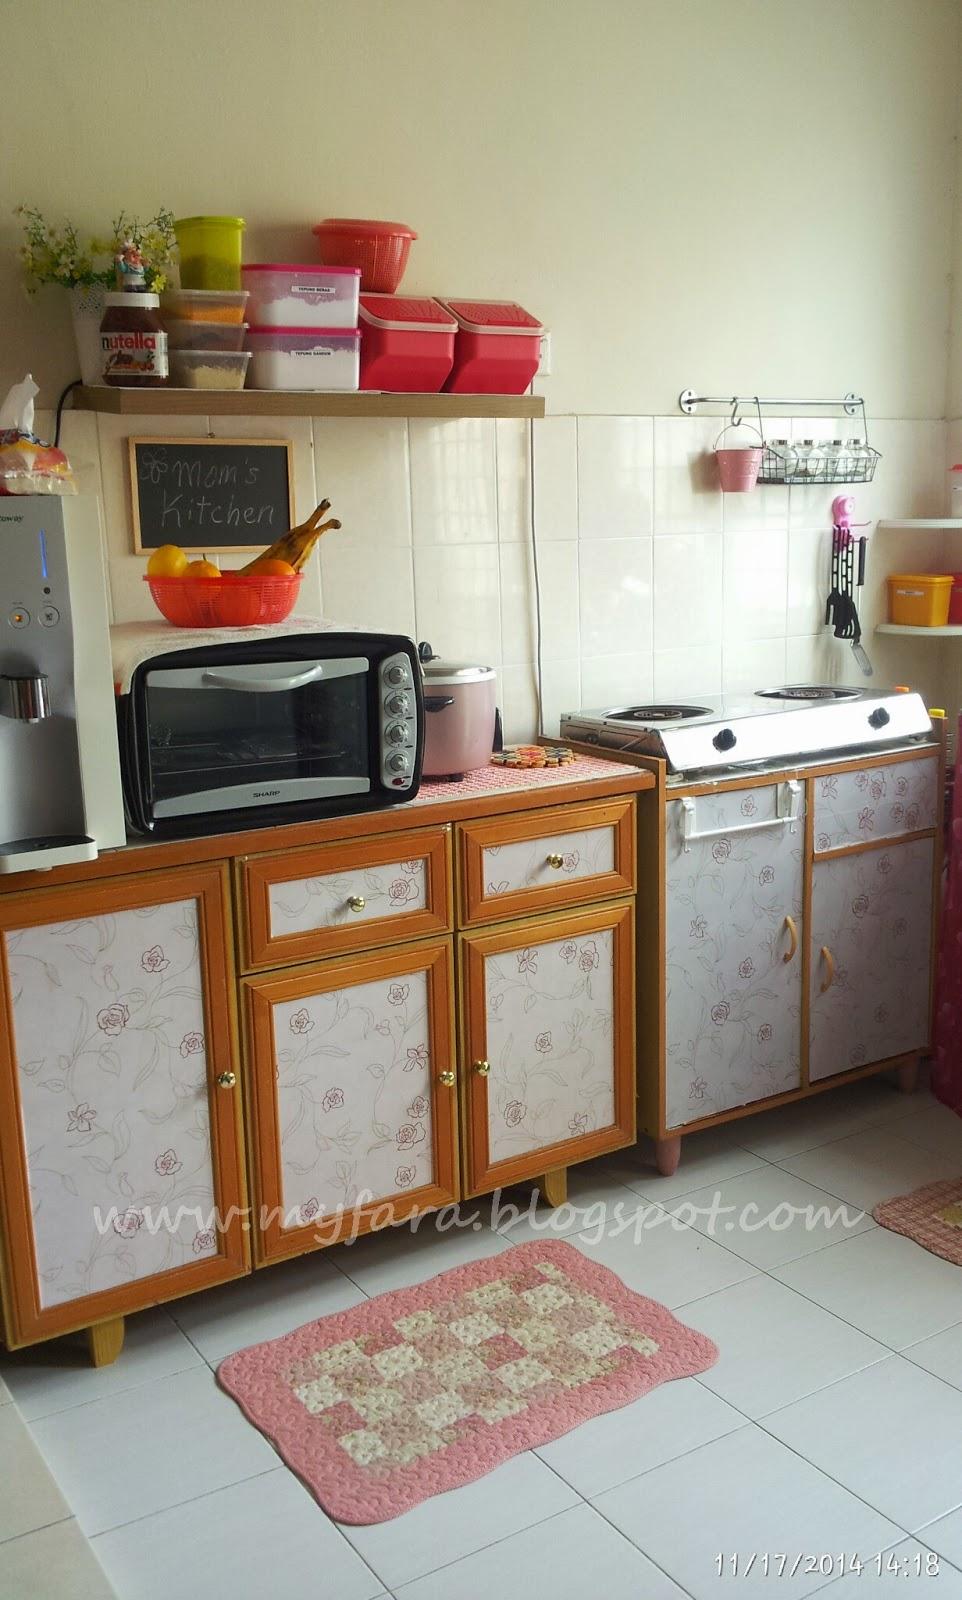 Rumah Sewa Ini Je Yang Termampu Ruang Pun Kecil Sebab Dapur Ni Memanjang Bersekali Dengan Makan Dan Laundry Saya Cuba Susun Atur Sebaik Mungkin